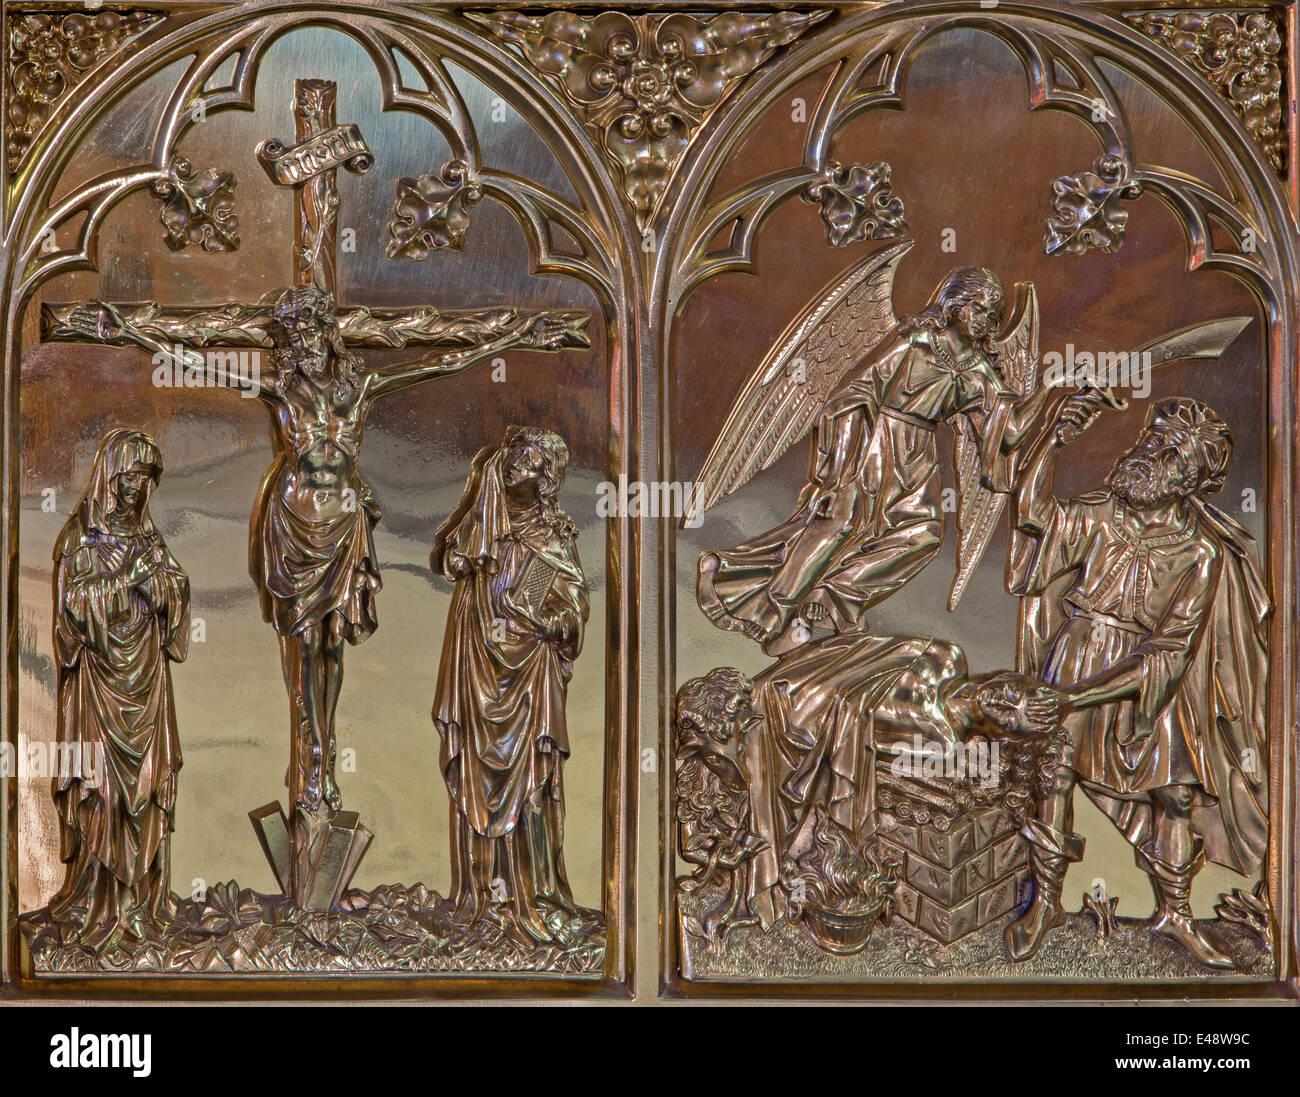 Bruges, Belgio - 13 giugno 2014: la Crocifissione e l'offerta di Abramo neogotica di rilievo in metallo in st. Immagini Stock